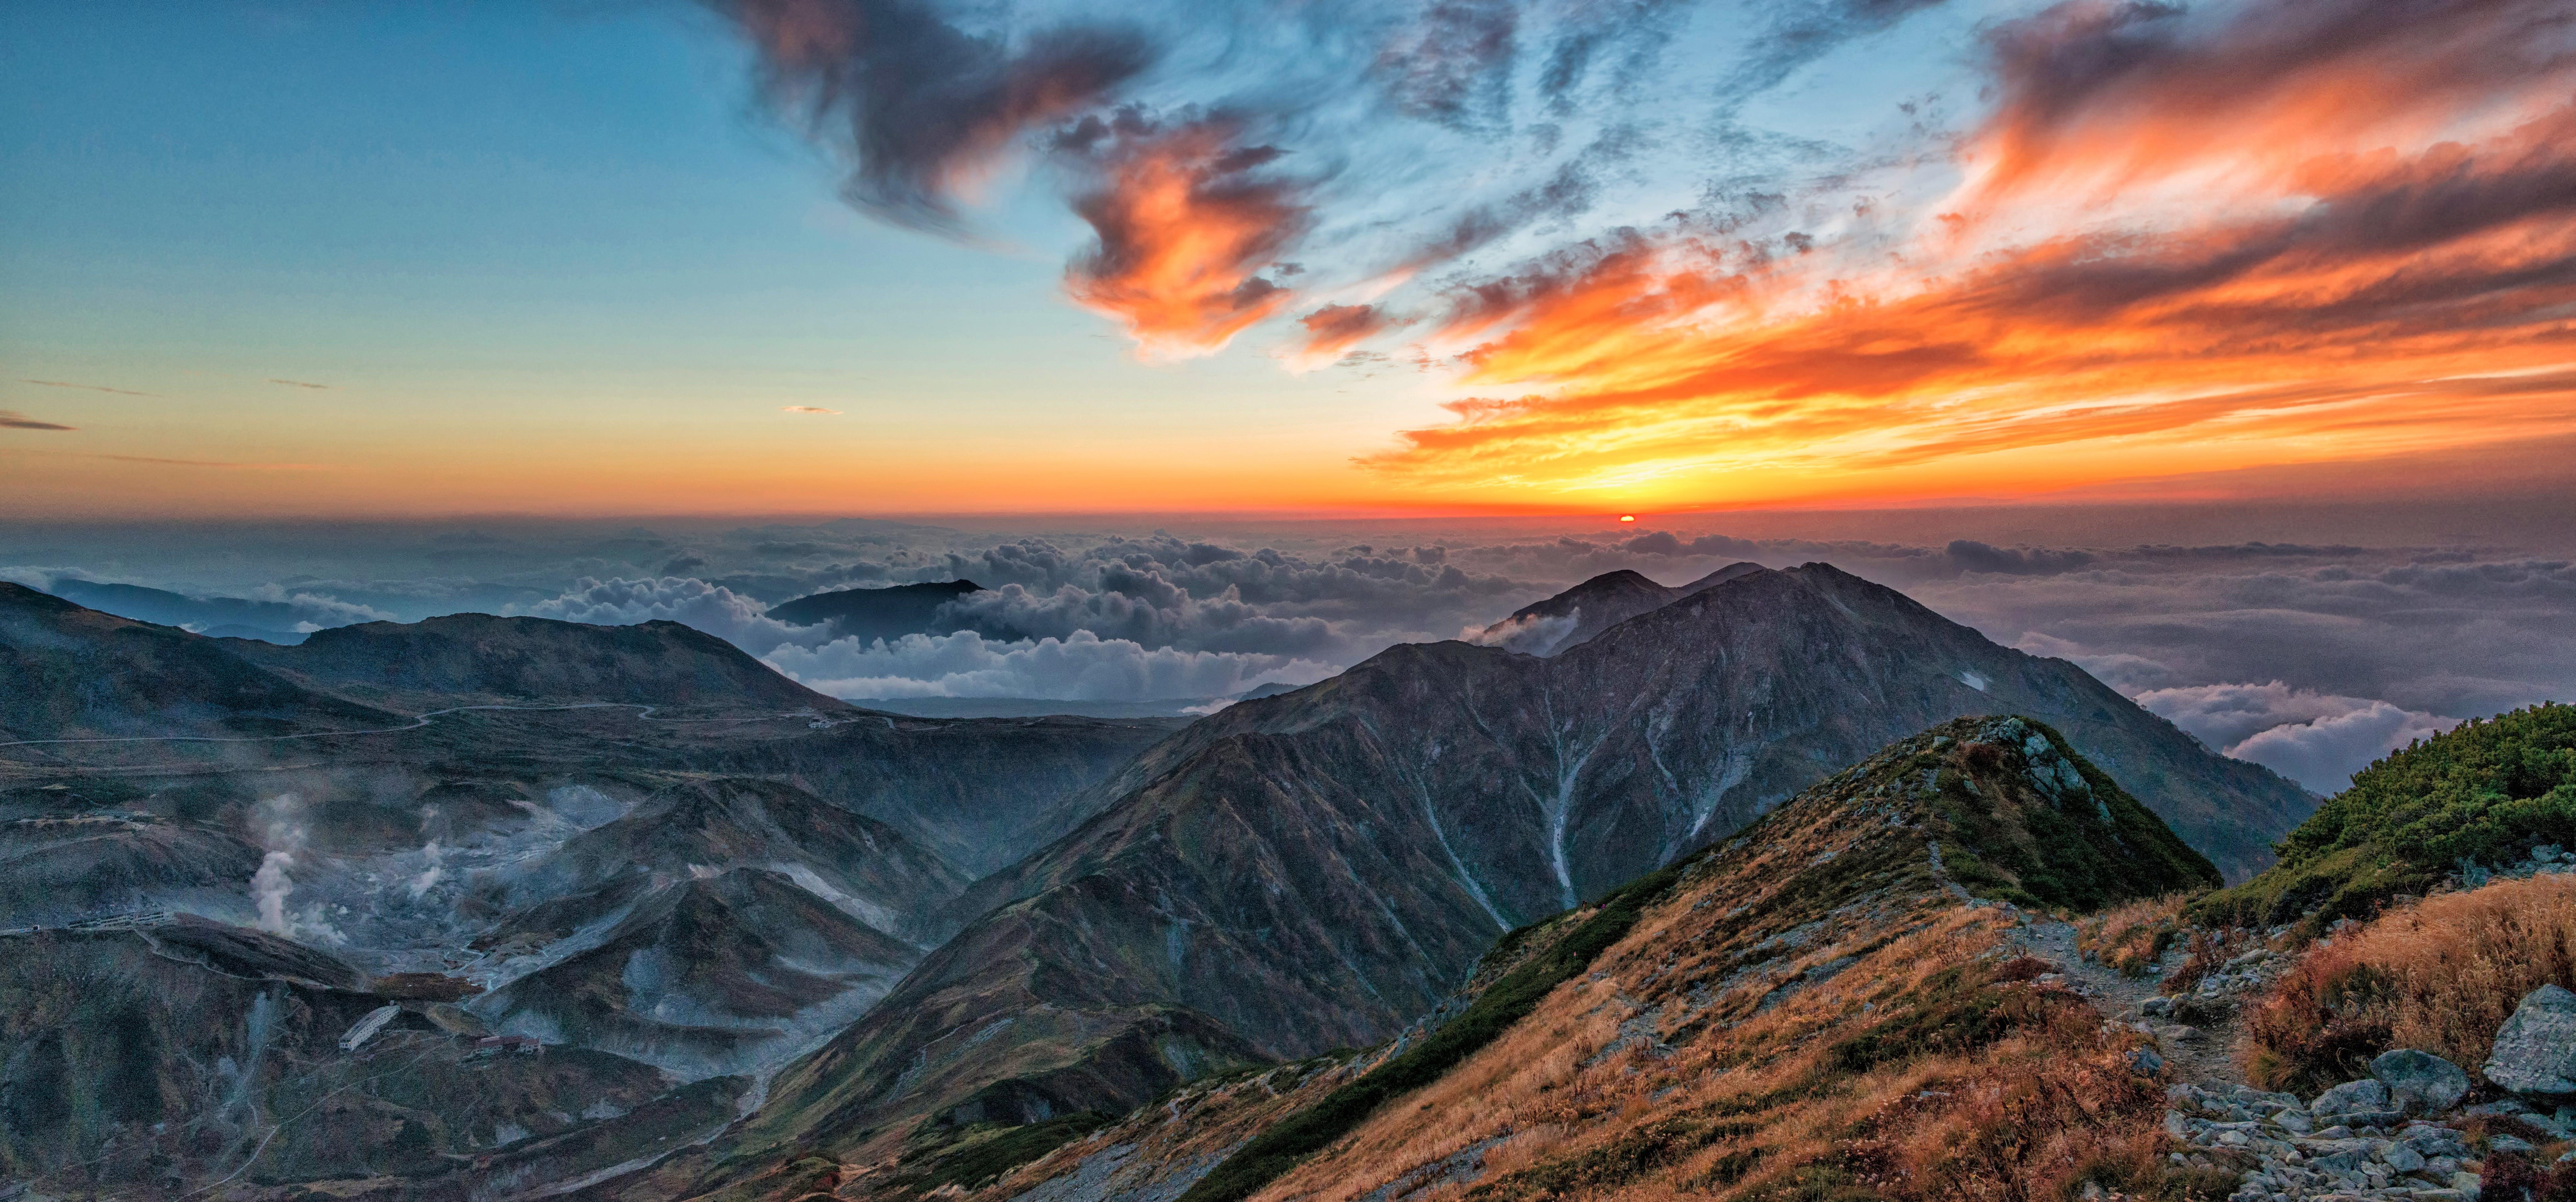 감기, 경치, 경치가 좋은, 구름의 무료 스톡 사진